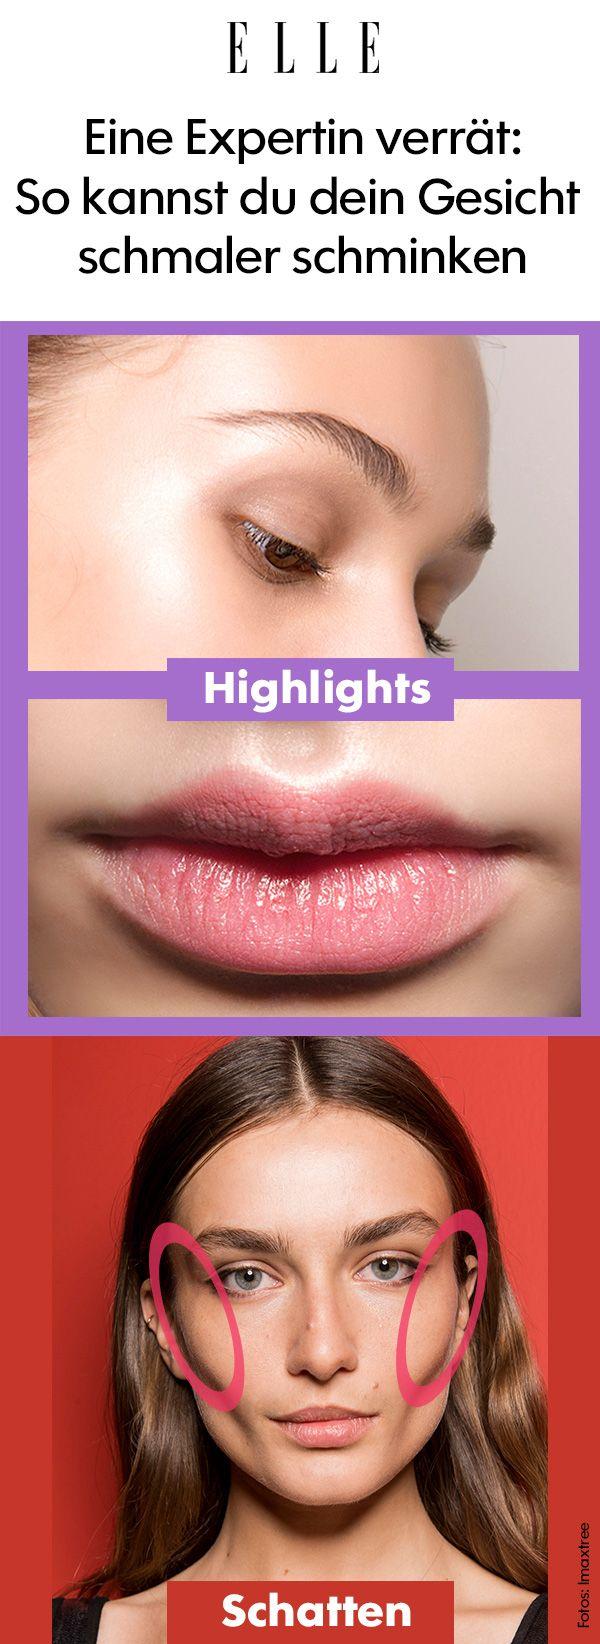 393 Besten Kosmetik Bilder Auf Pinterest Dickere Haare Die Haare